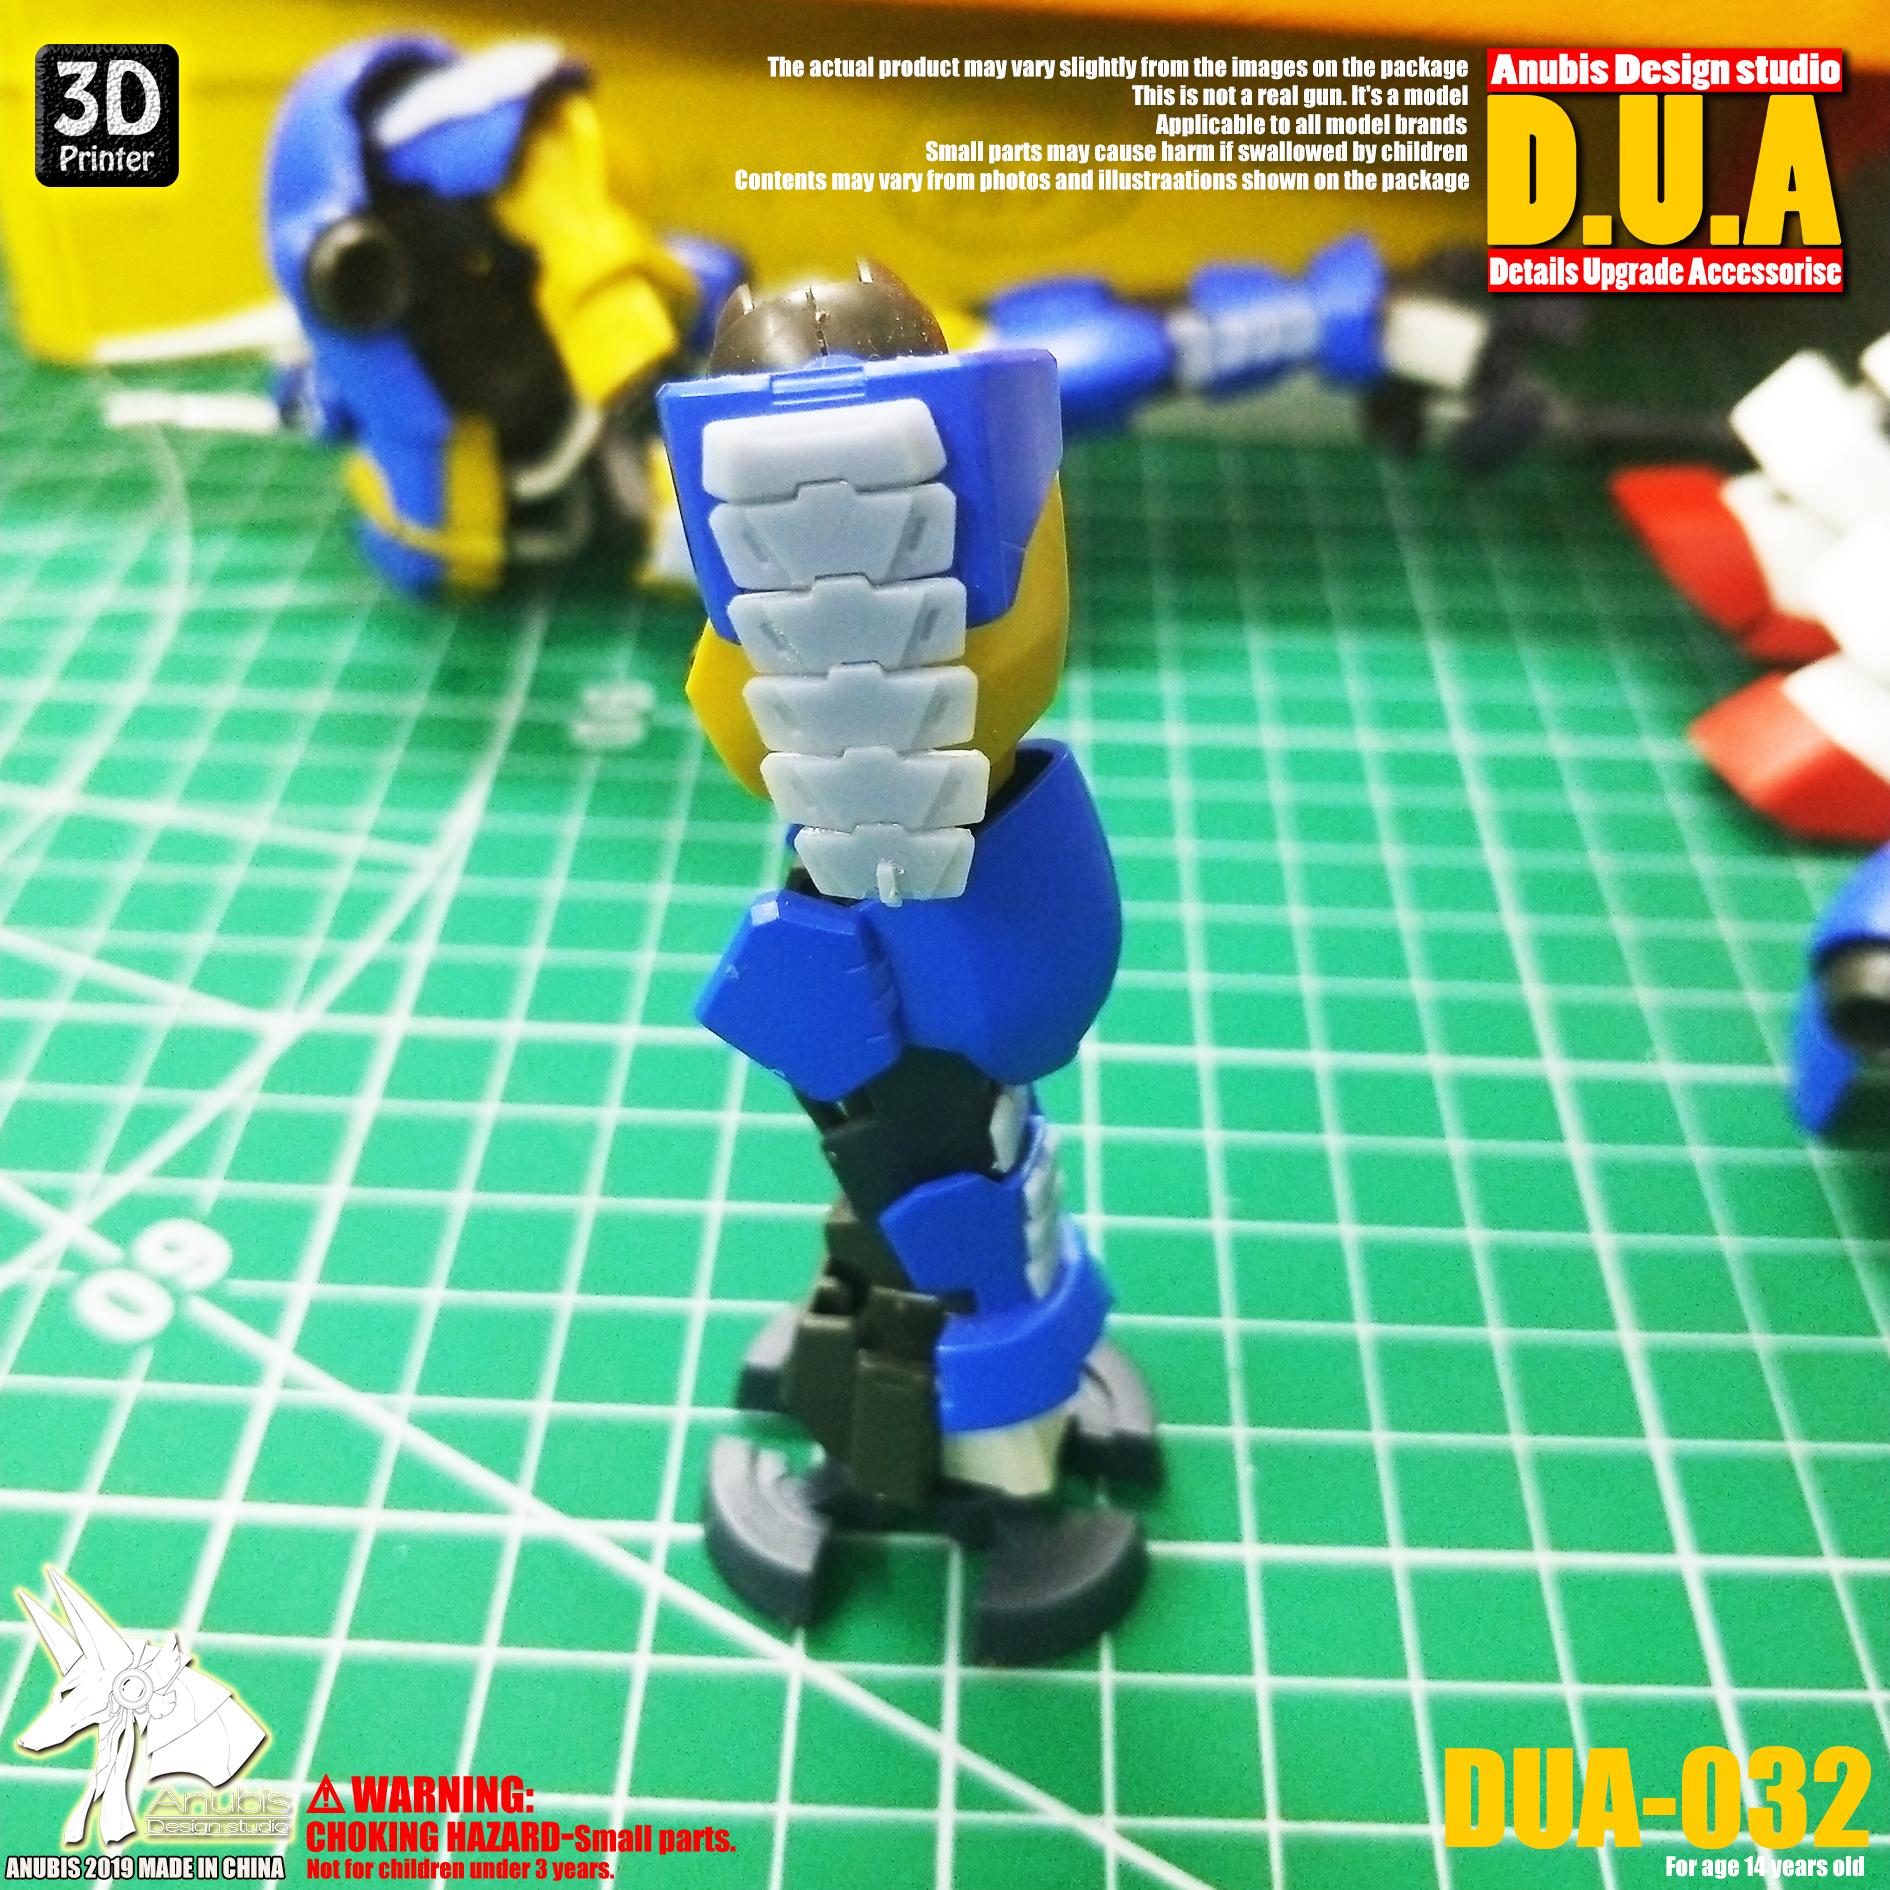 G413_DUA032_004.jpg